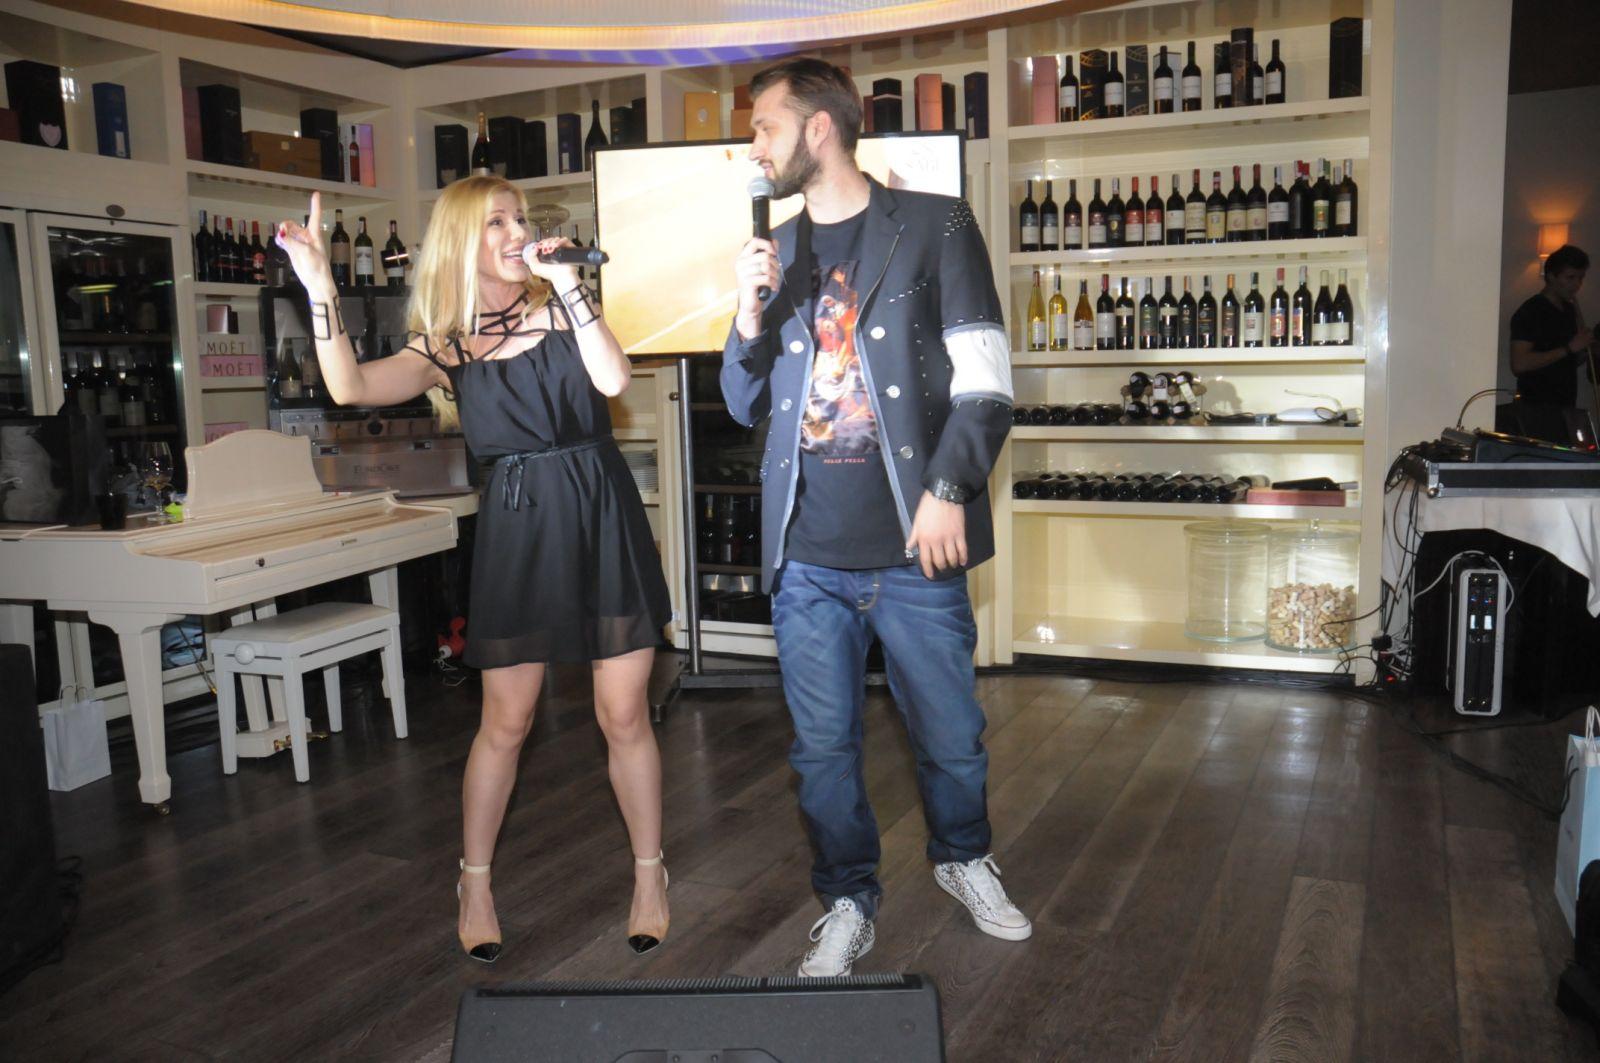 Тамерлан,  Алена Омаргалиева, Дмитрий Ступка с невестой на ангельской вечеринке